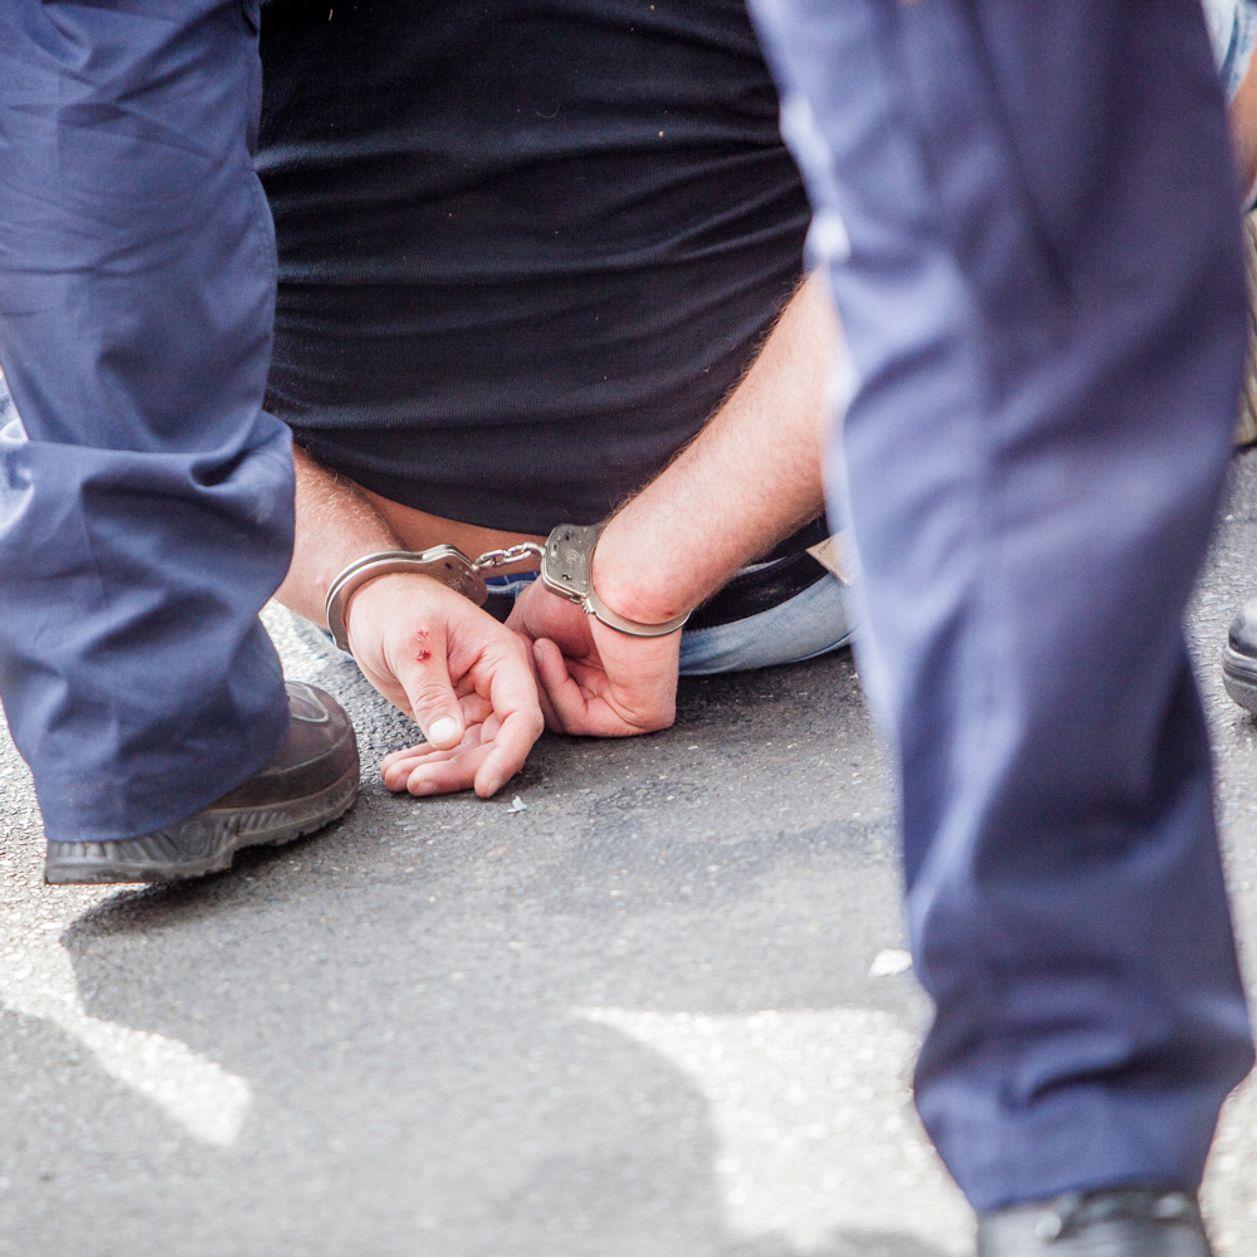 Féminicide : une femme de 71 ans poignardée en pleine rue, son mari en garde à vue